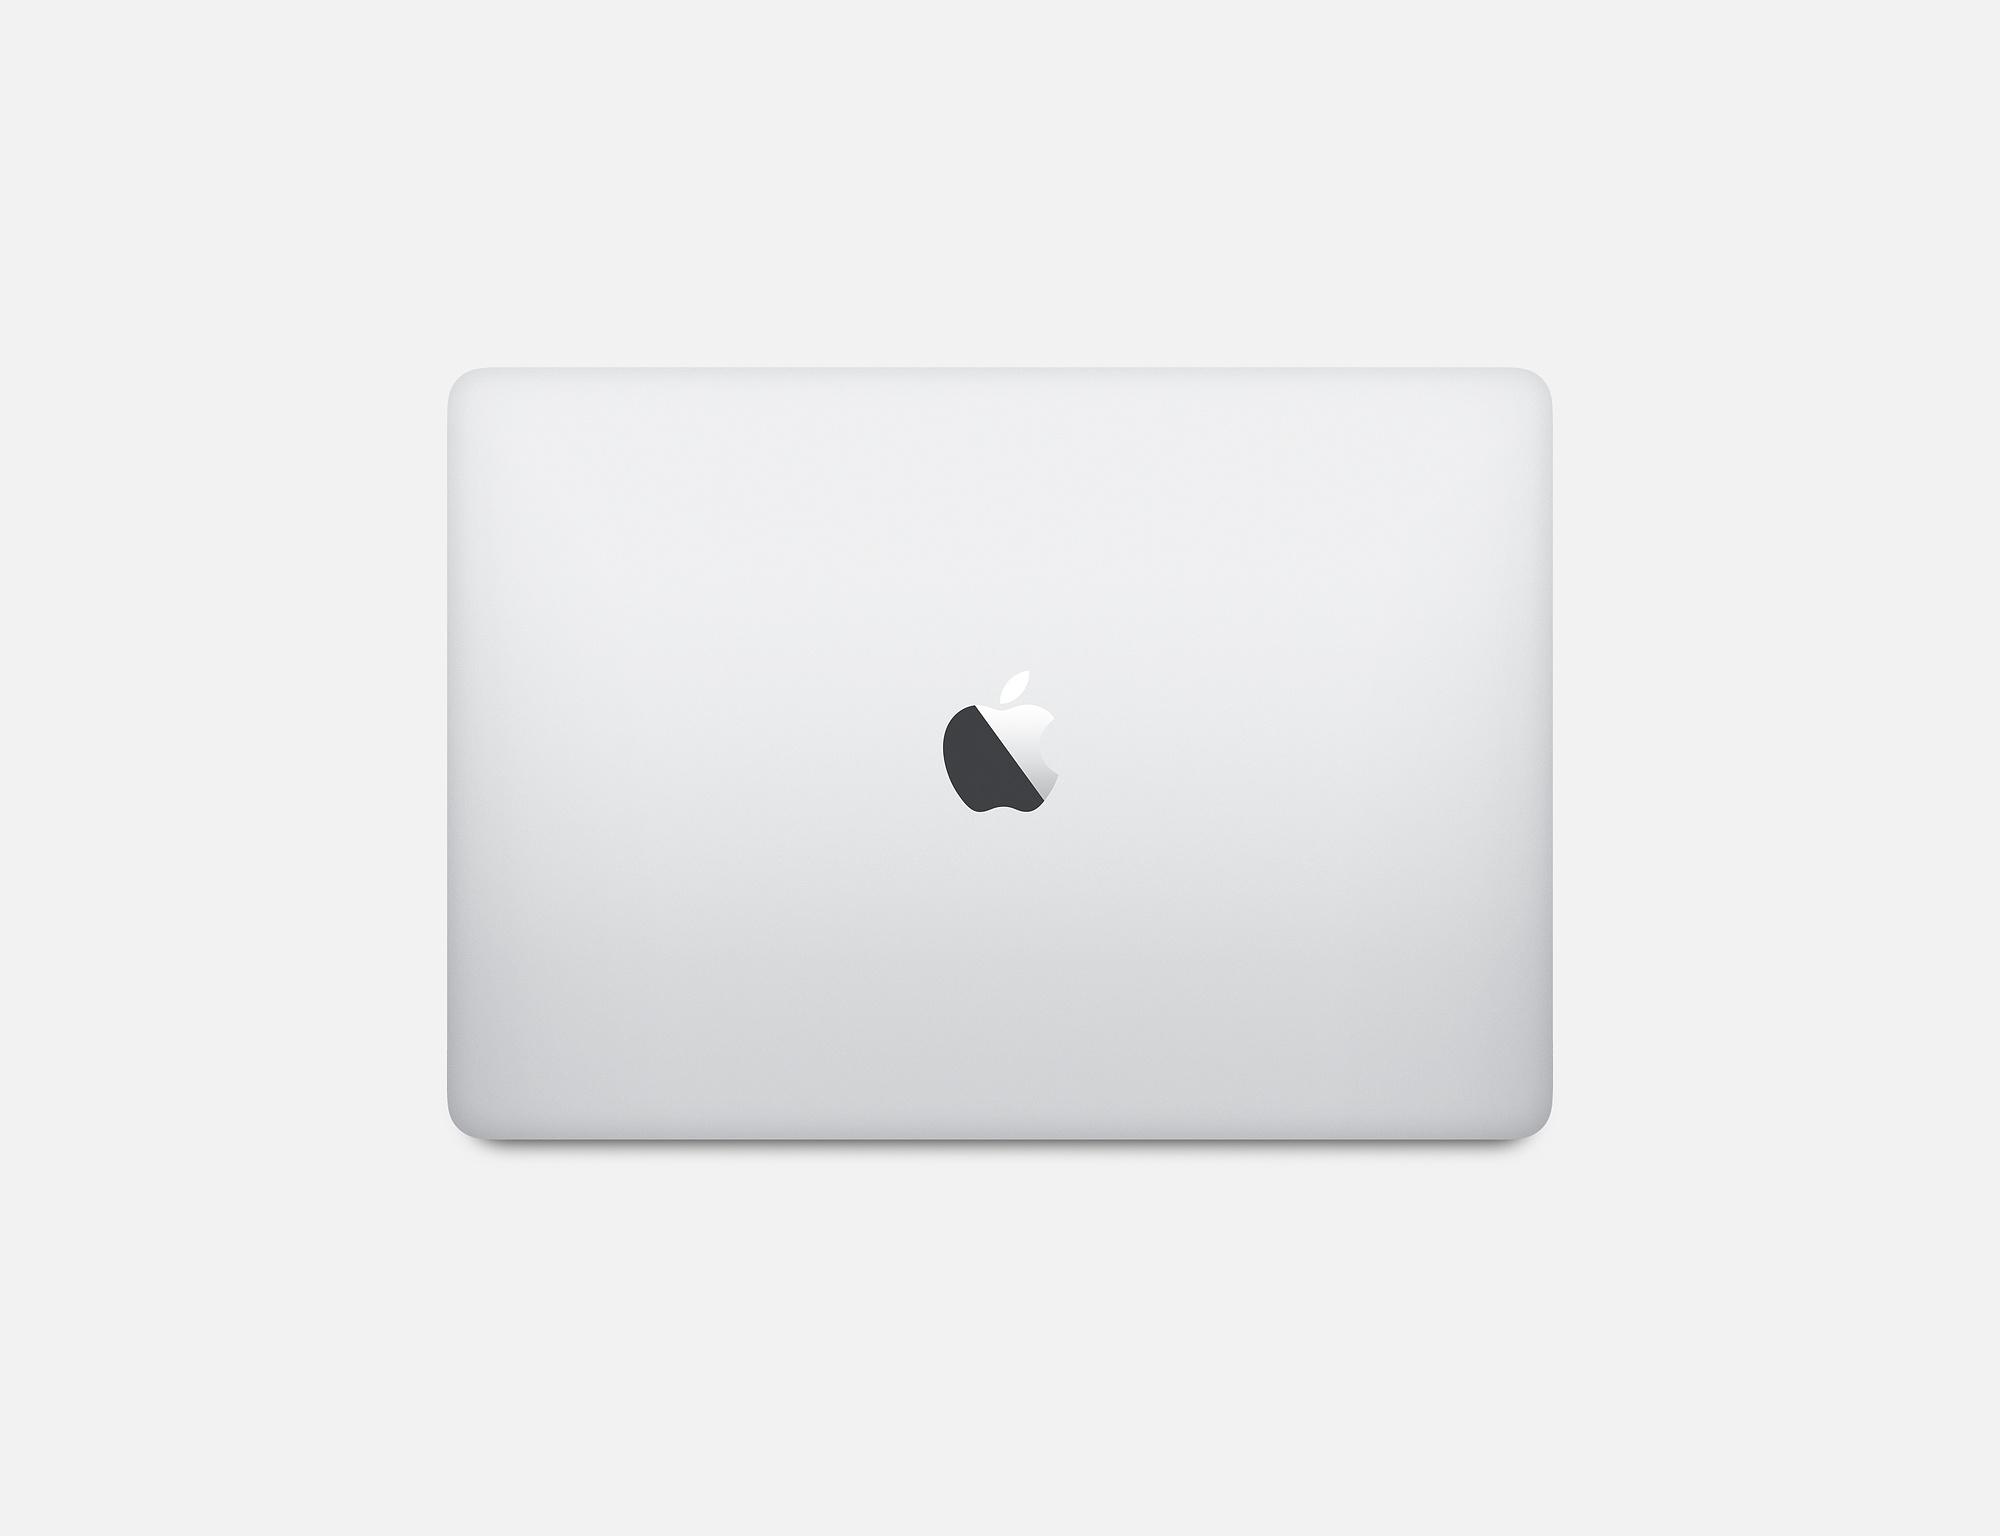 Prenosni računalnik MACBOOK PRO 13TB/QC I5 SI 2.4GHZ/8GB/512GB/CRO